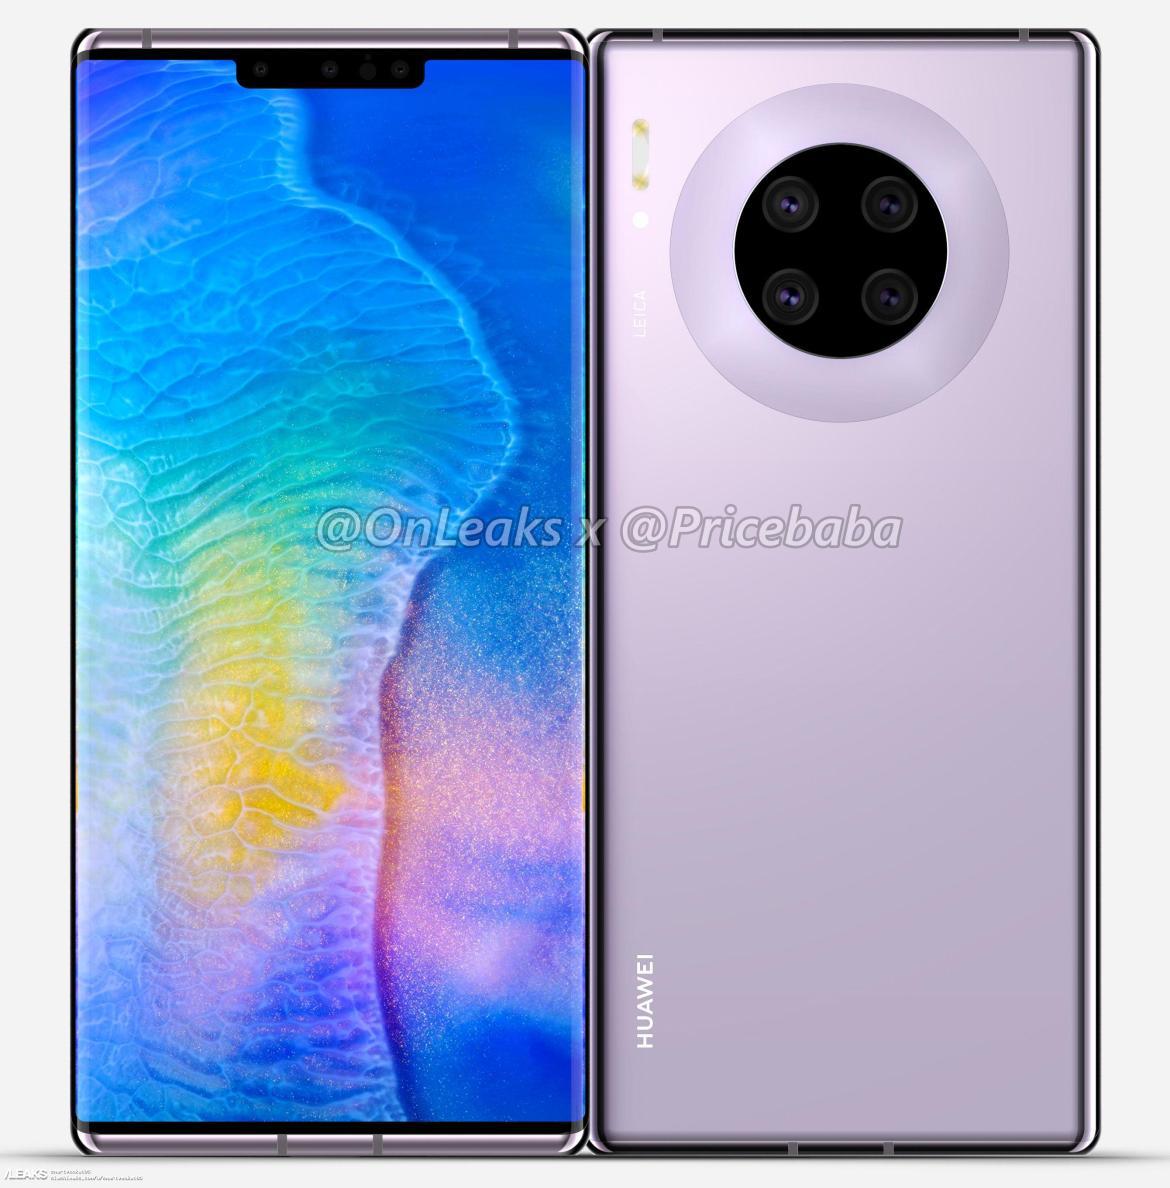 img Processadores Huawei Mate 30 Pro 5K e vídeo em 360 °